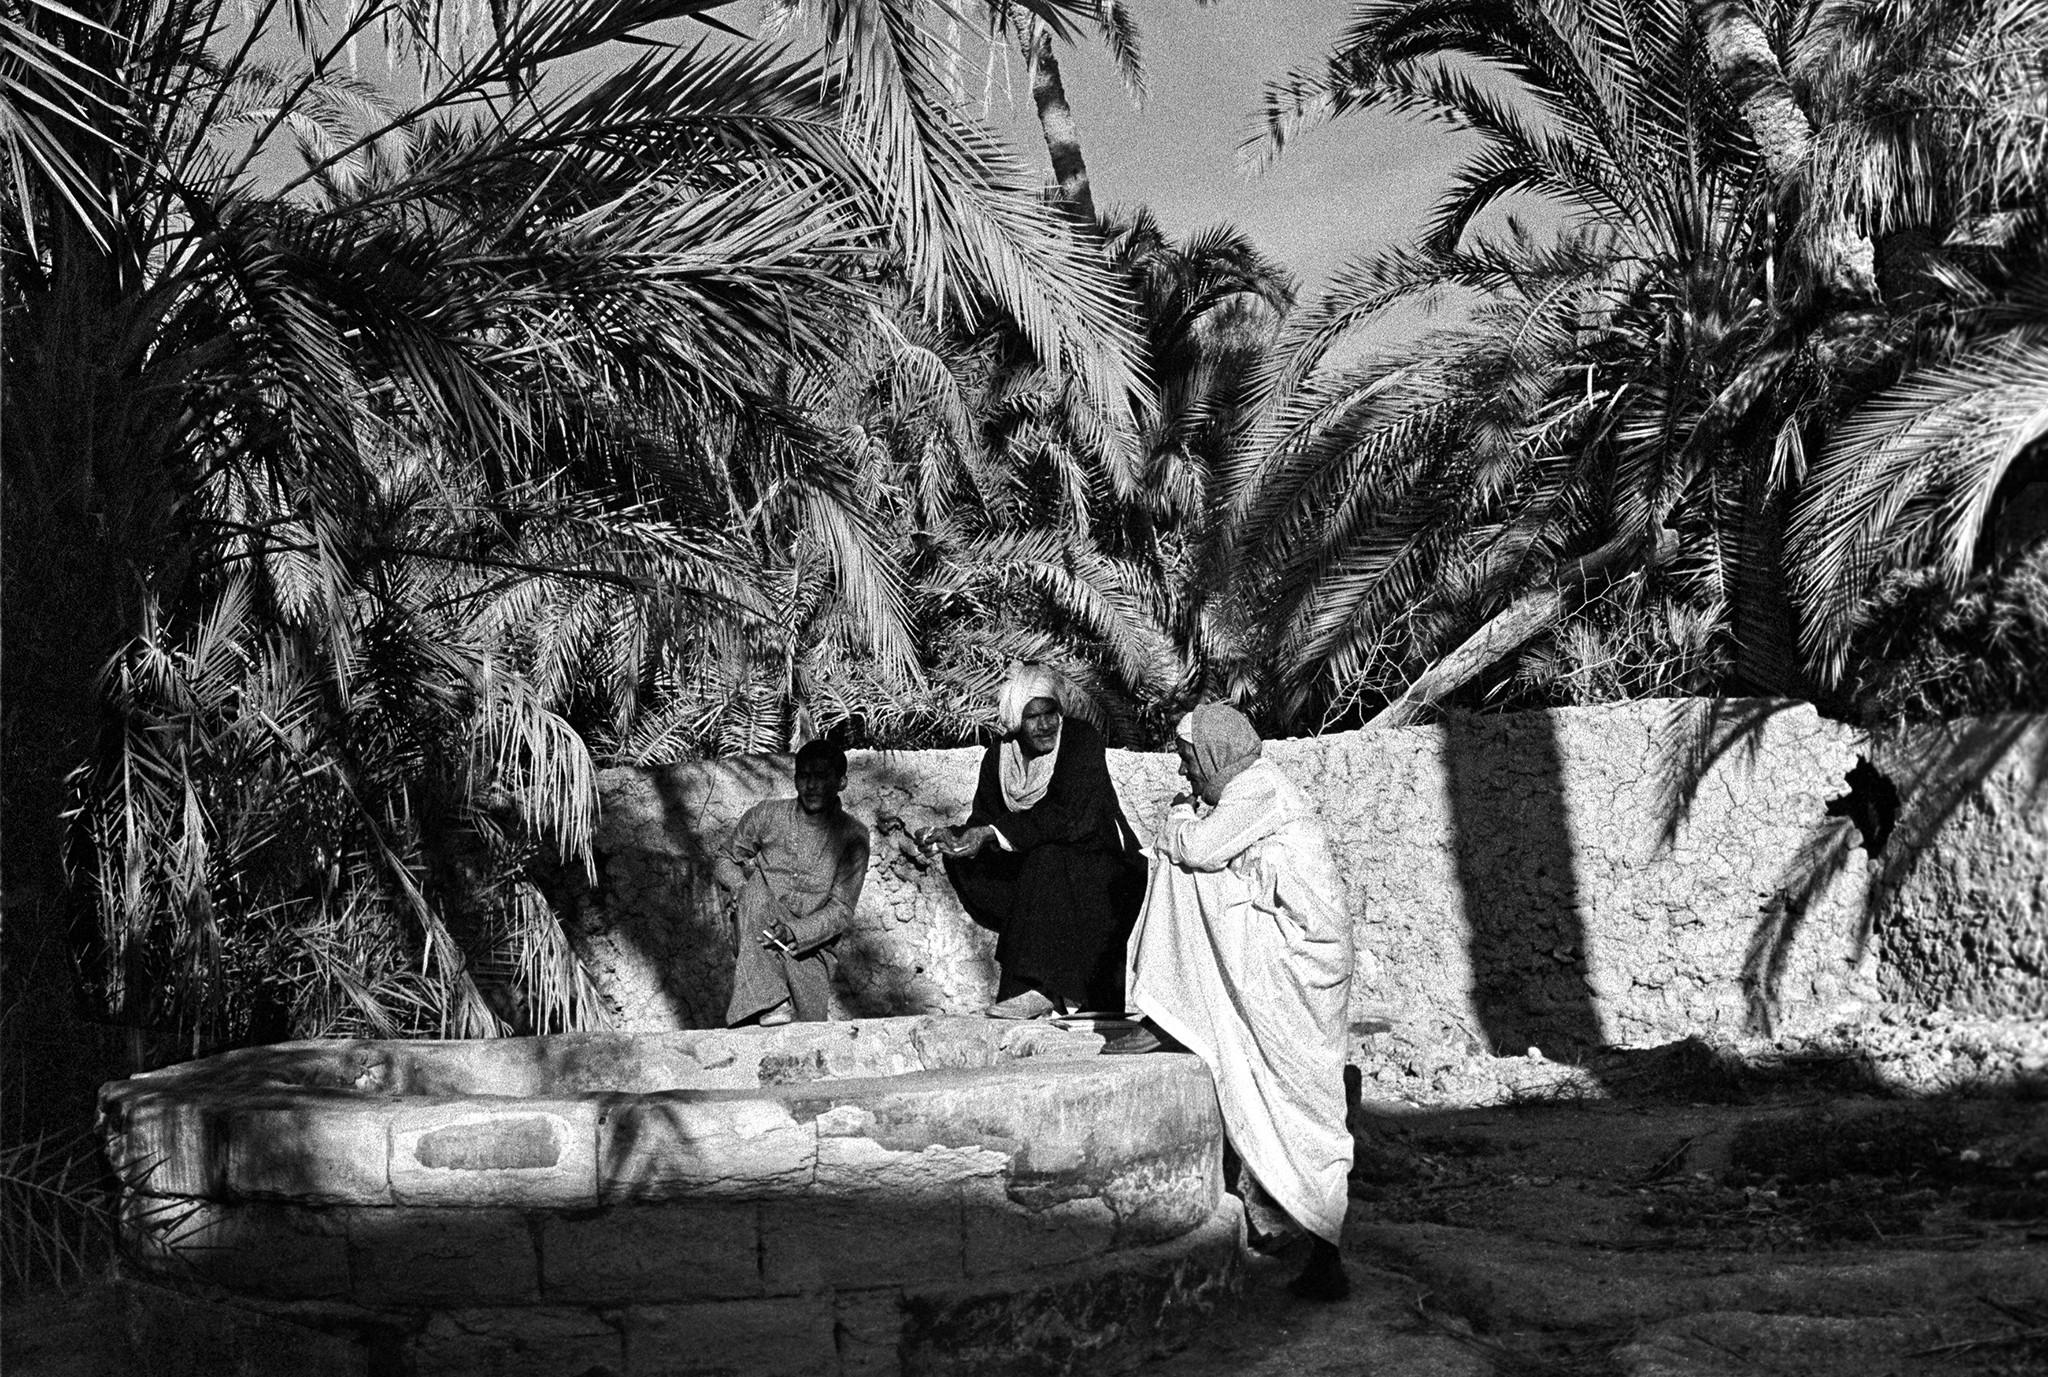 Sèrie: Els Oasis d'Egipte. Conversa a un hort de Farafra. Oasis d'Egipte. 1982.